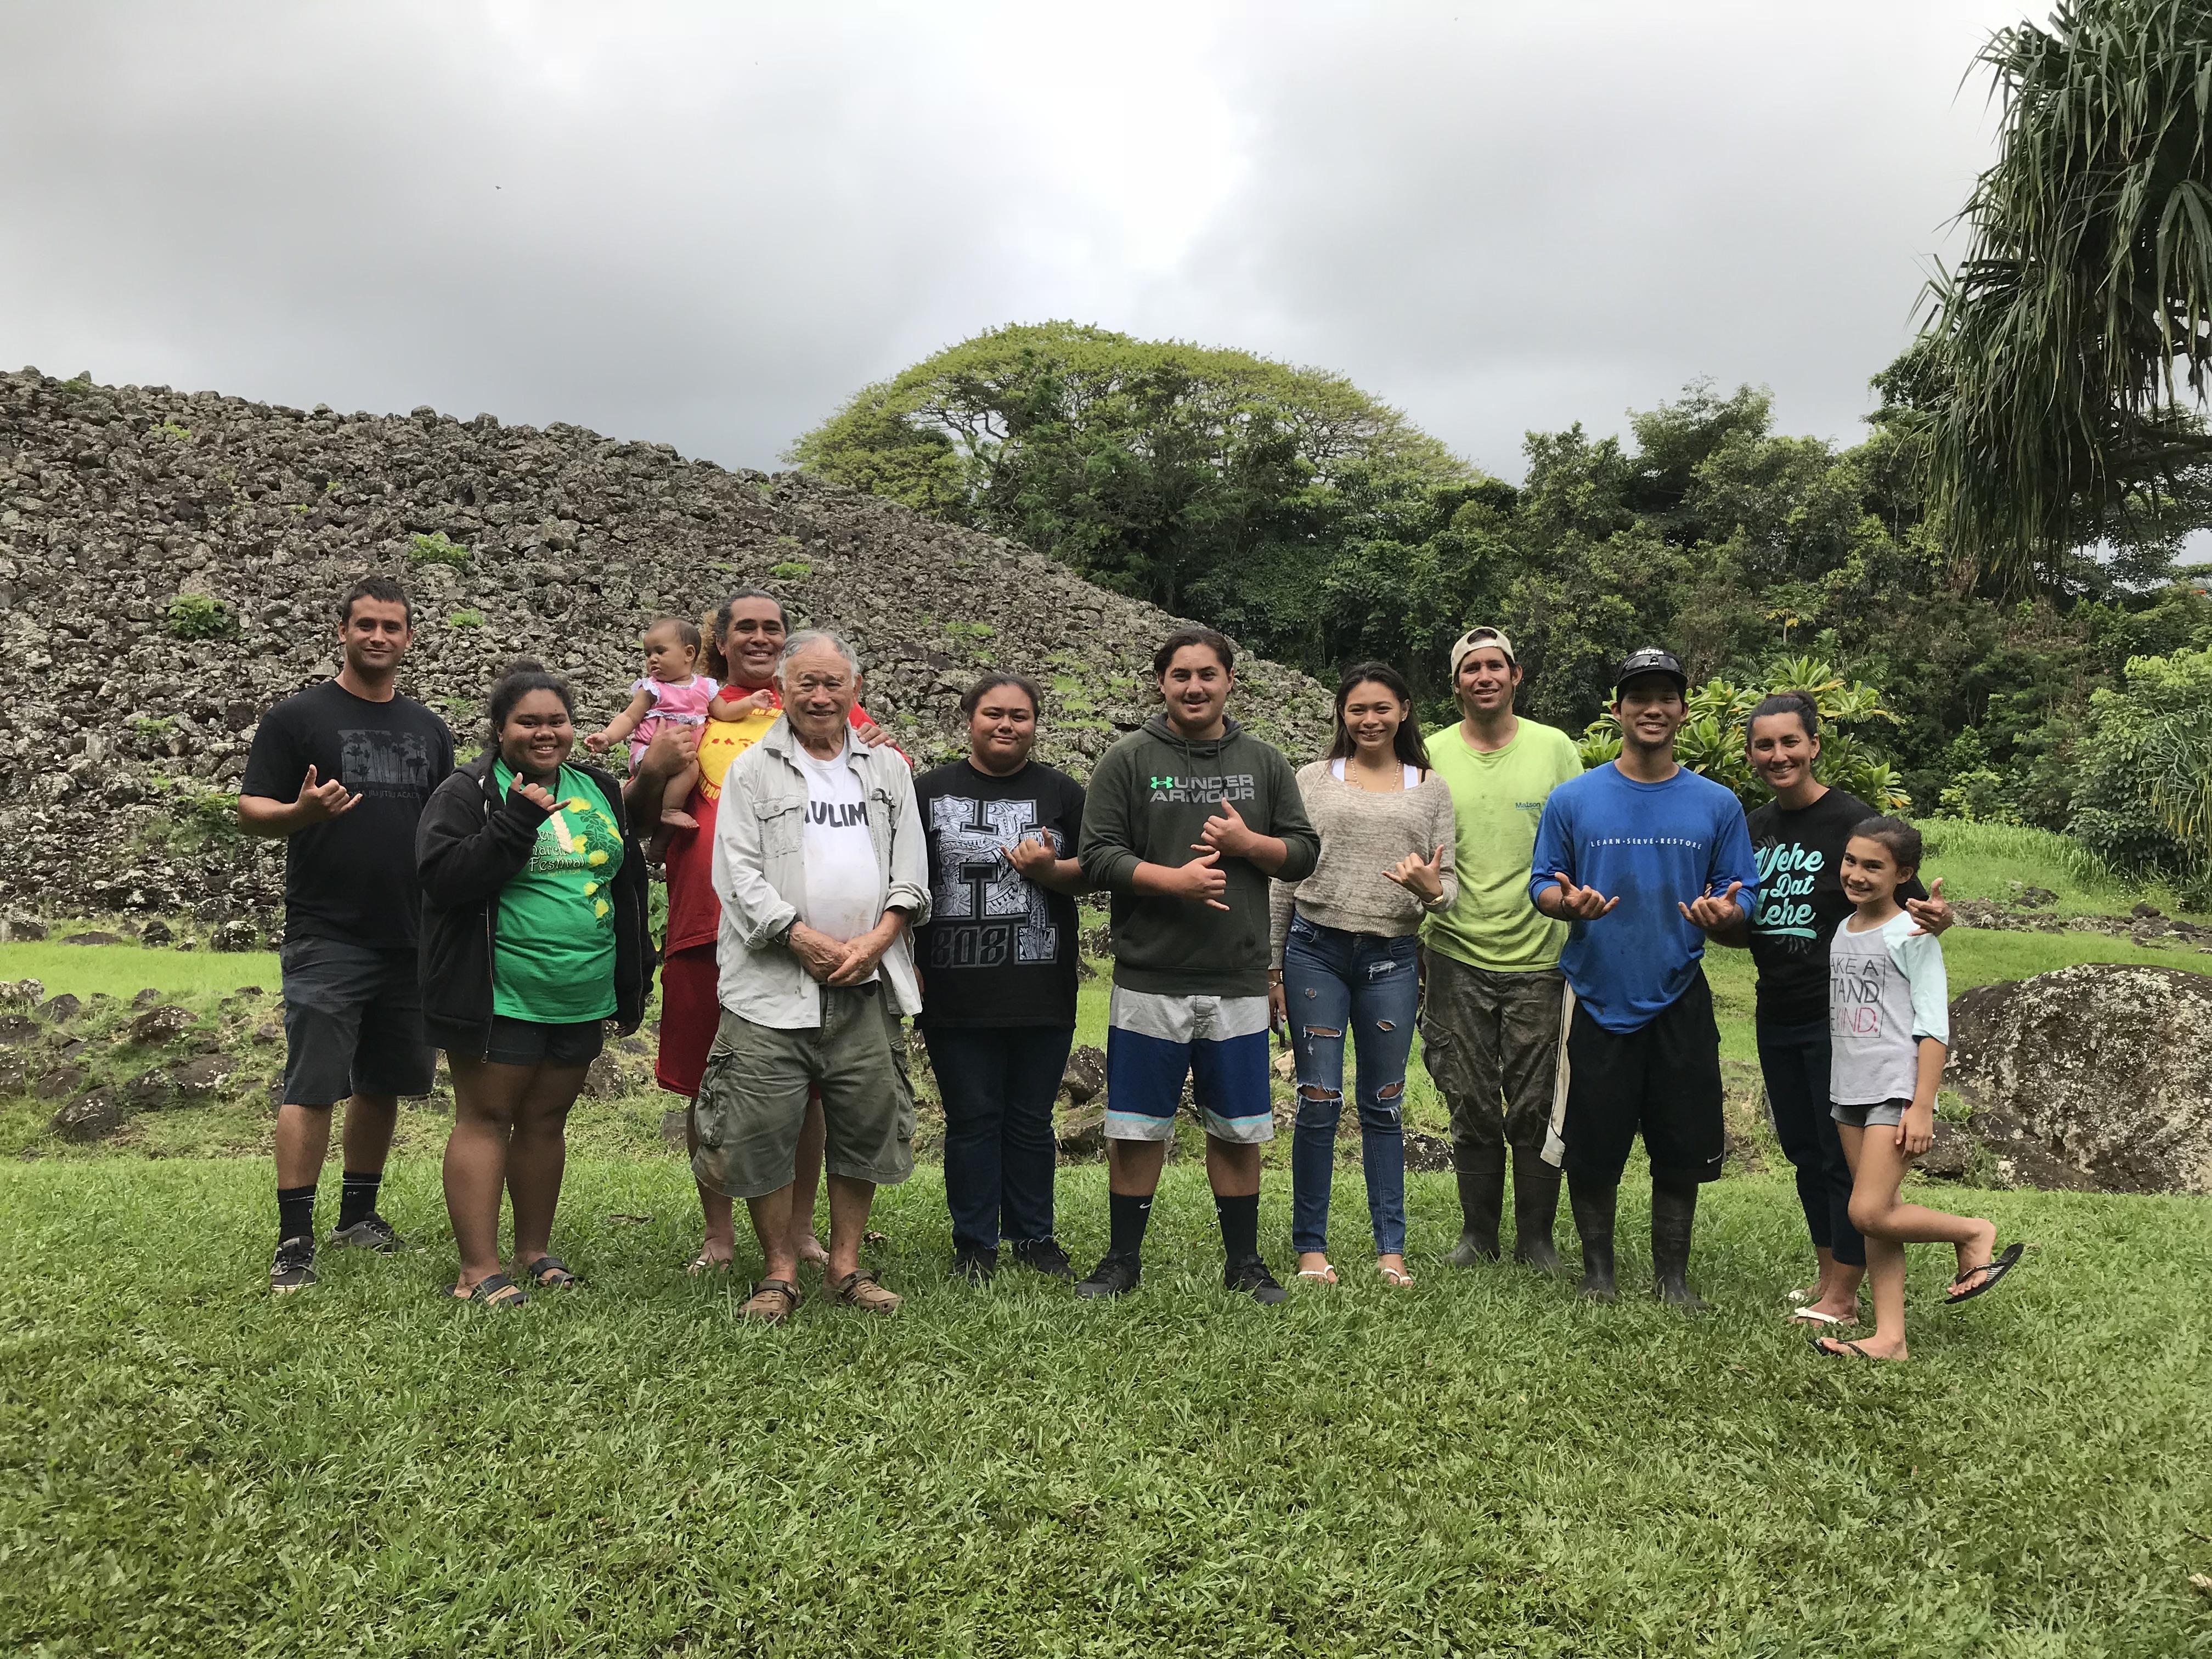 ʻUlupō